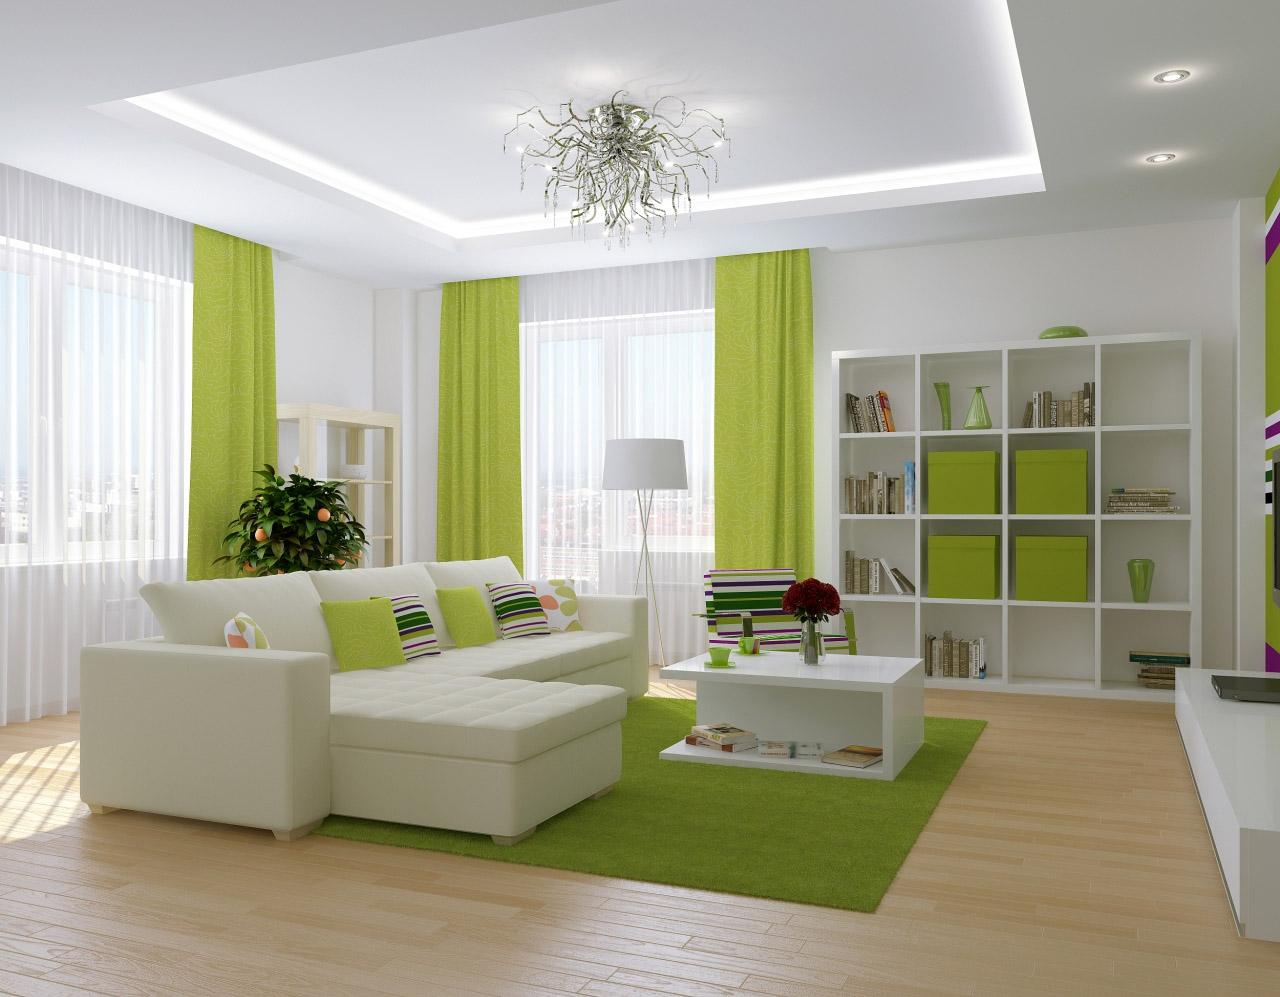 Белый потолок из гипсокартона с подсветкой в бело-зеленой гостиной